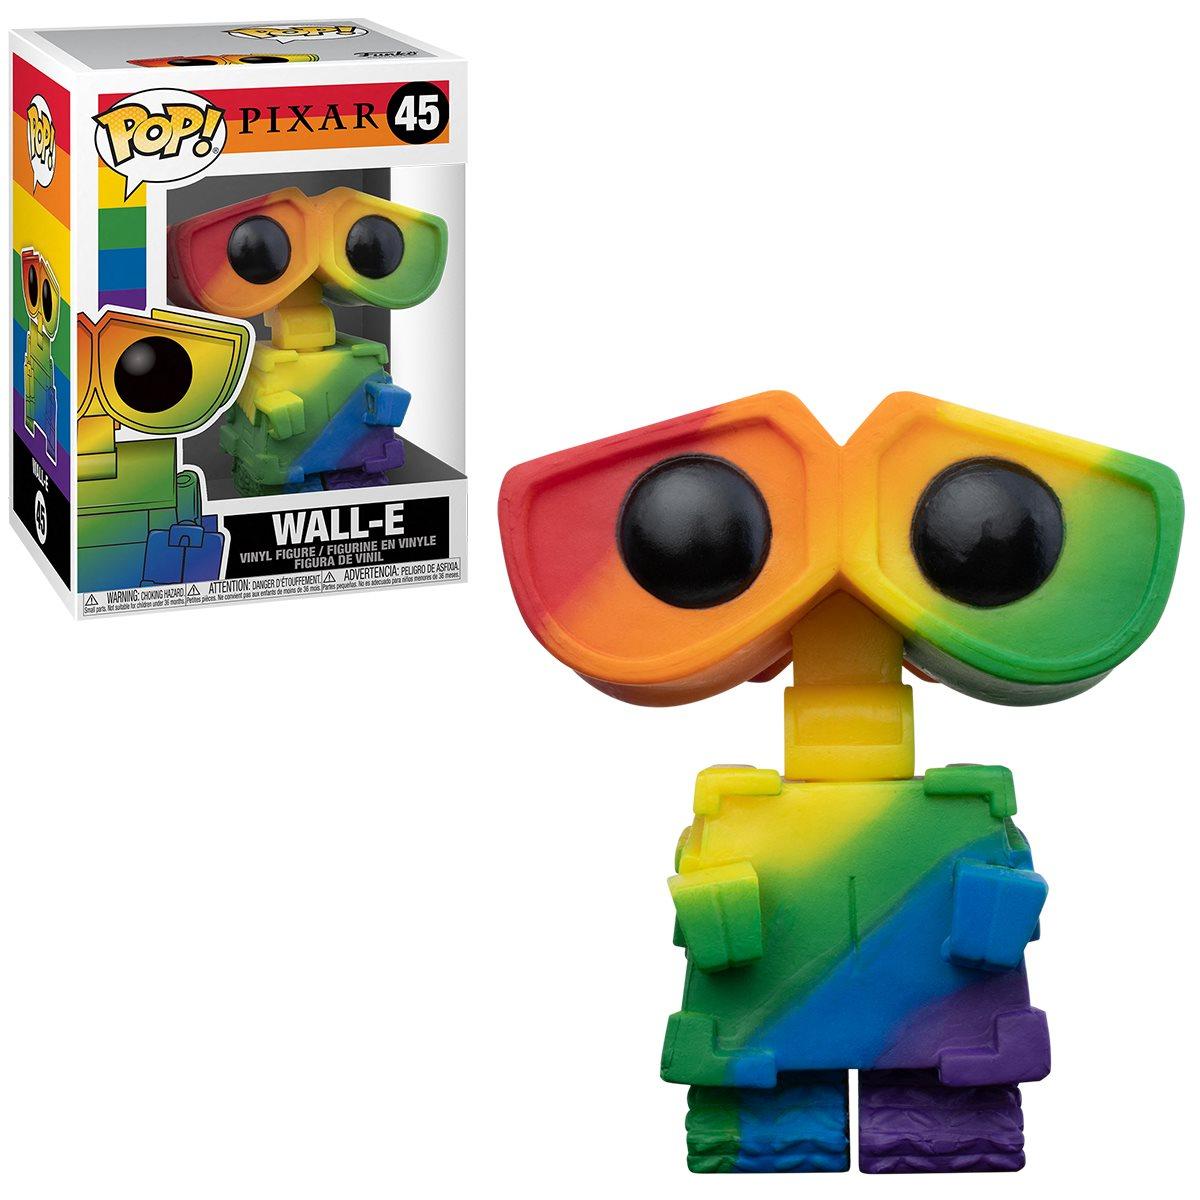 PRÉ VENDA: Funko Pop! Wall-E Pride 2021 Rainbow: Disney Pixar #45 - Funko